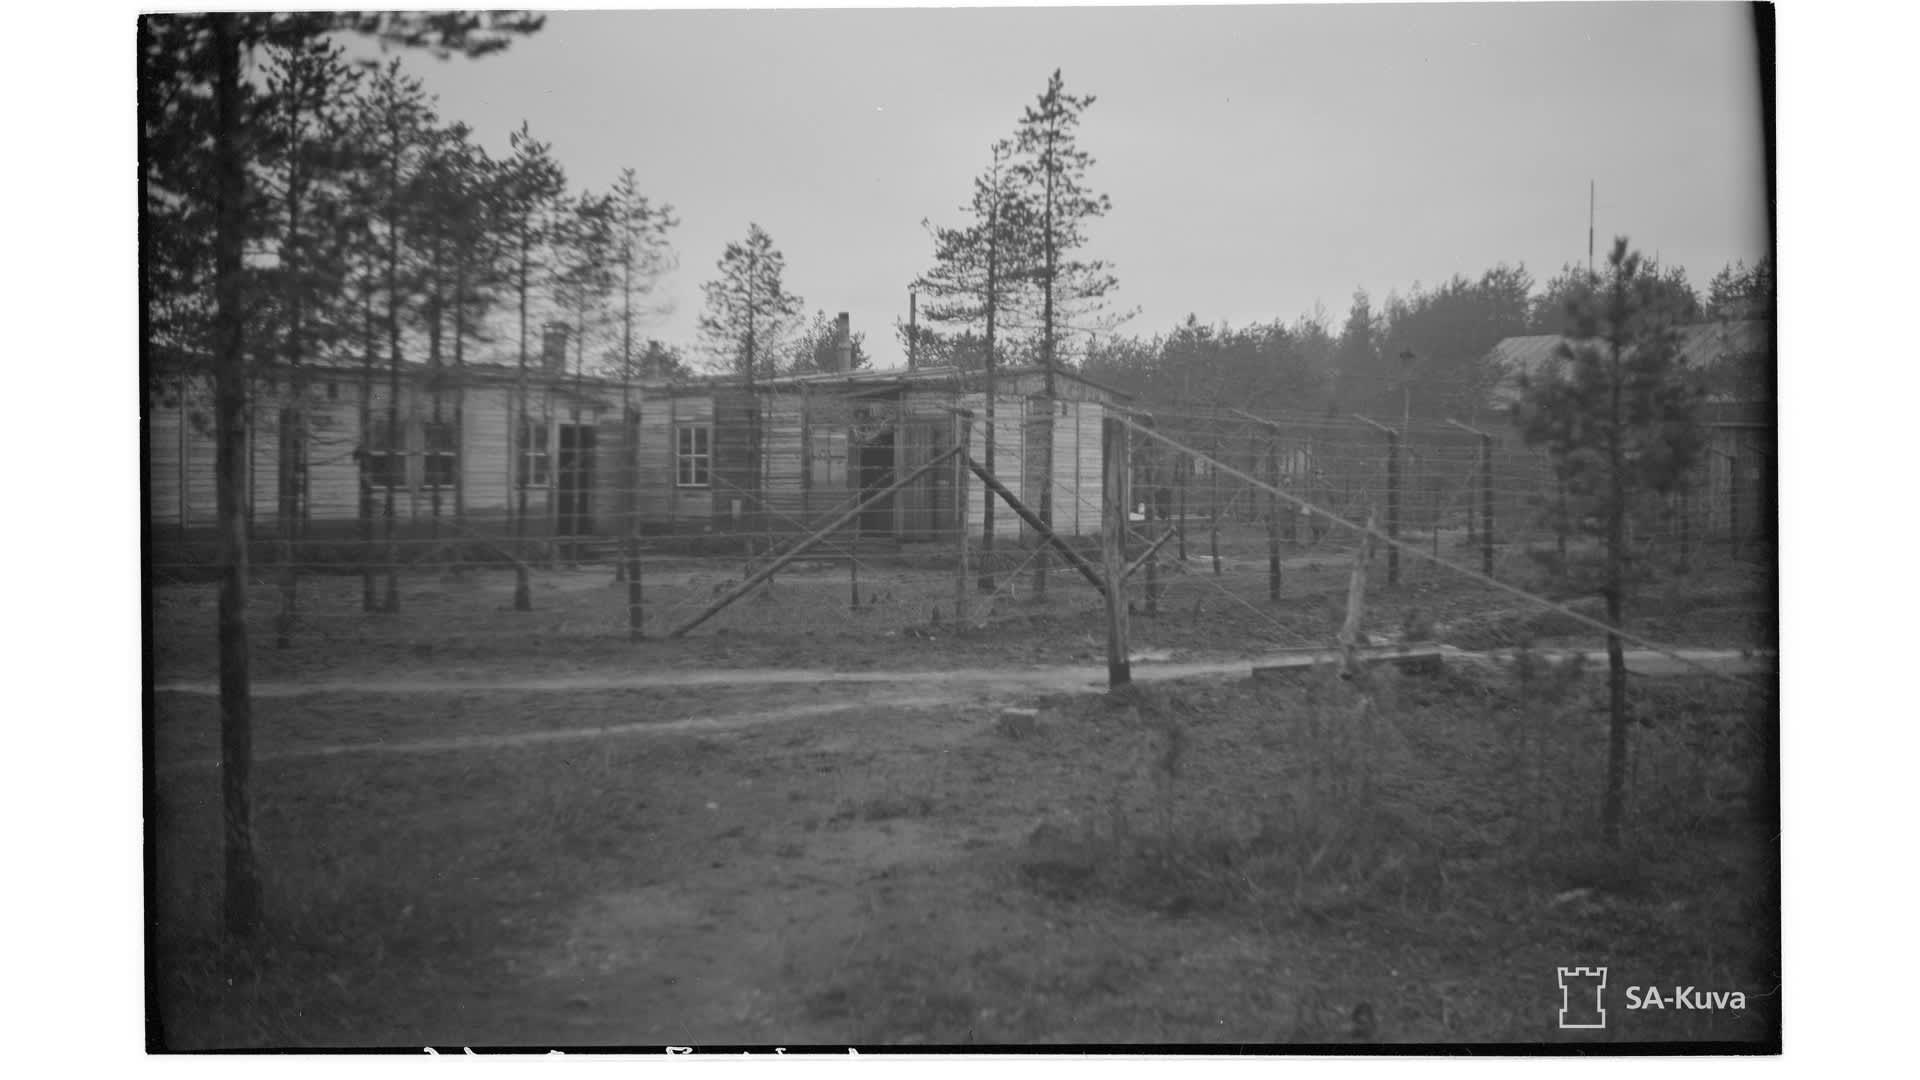 Yleiskuva jatkosodan aikana Kemin Ajoksessa olleesta sotavankileiri yhdeksästä.